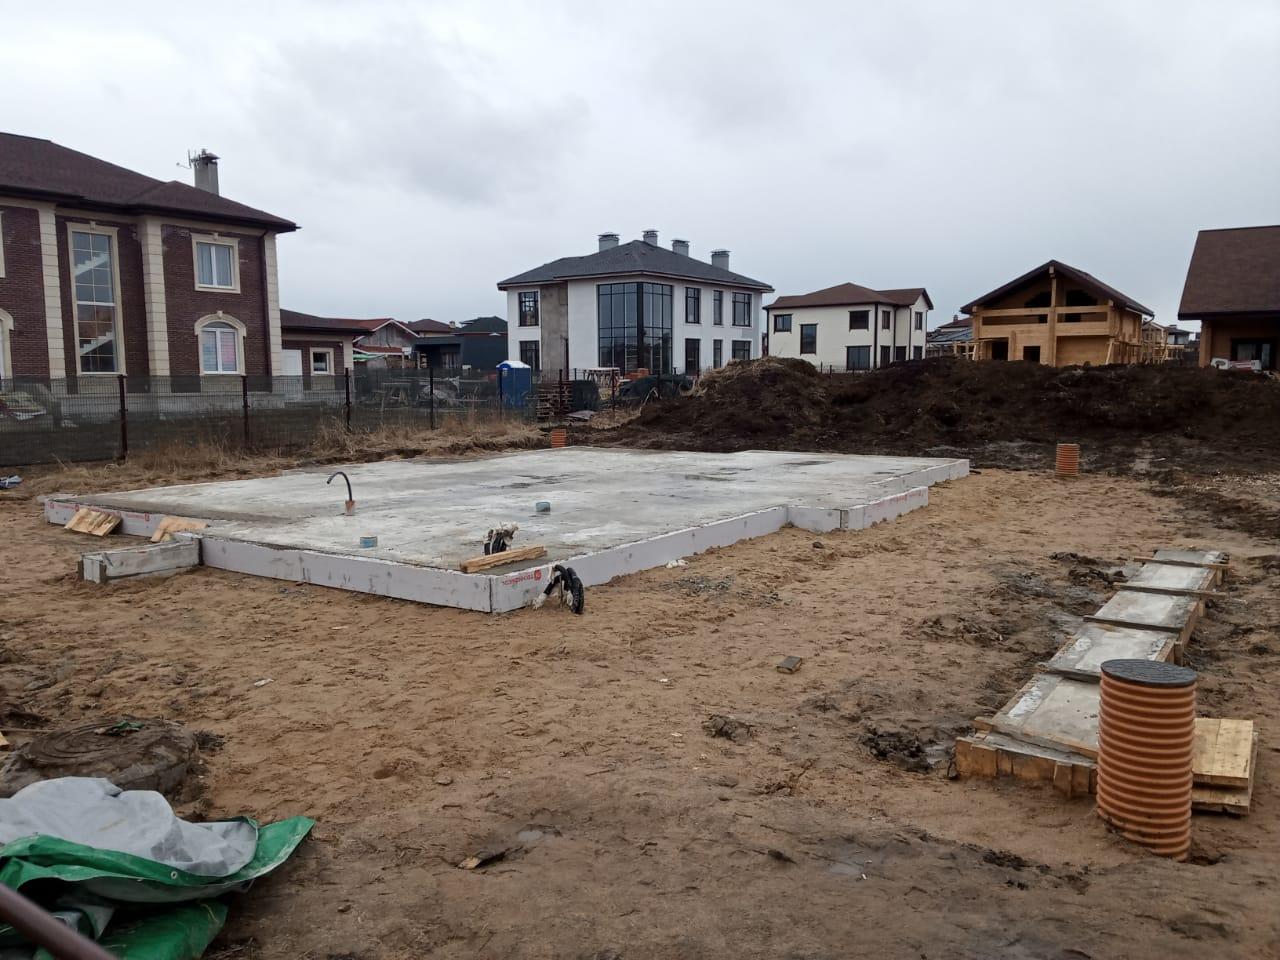 плита фундамента под частный дом в коттеджном поселке